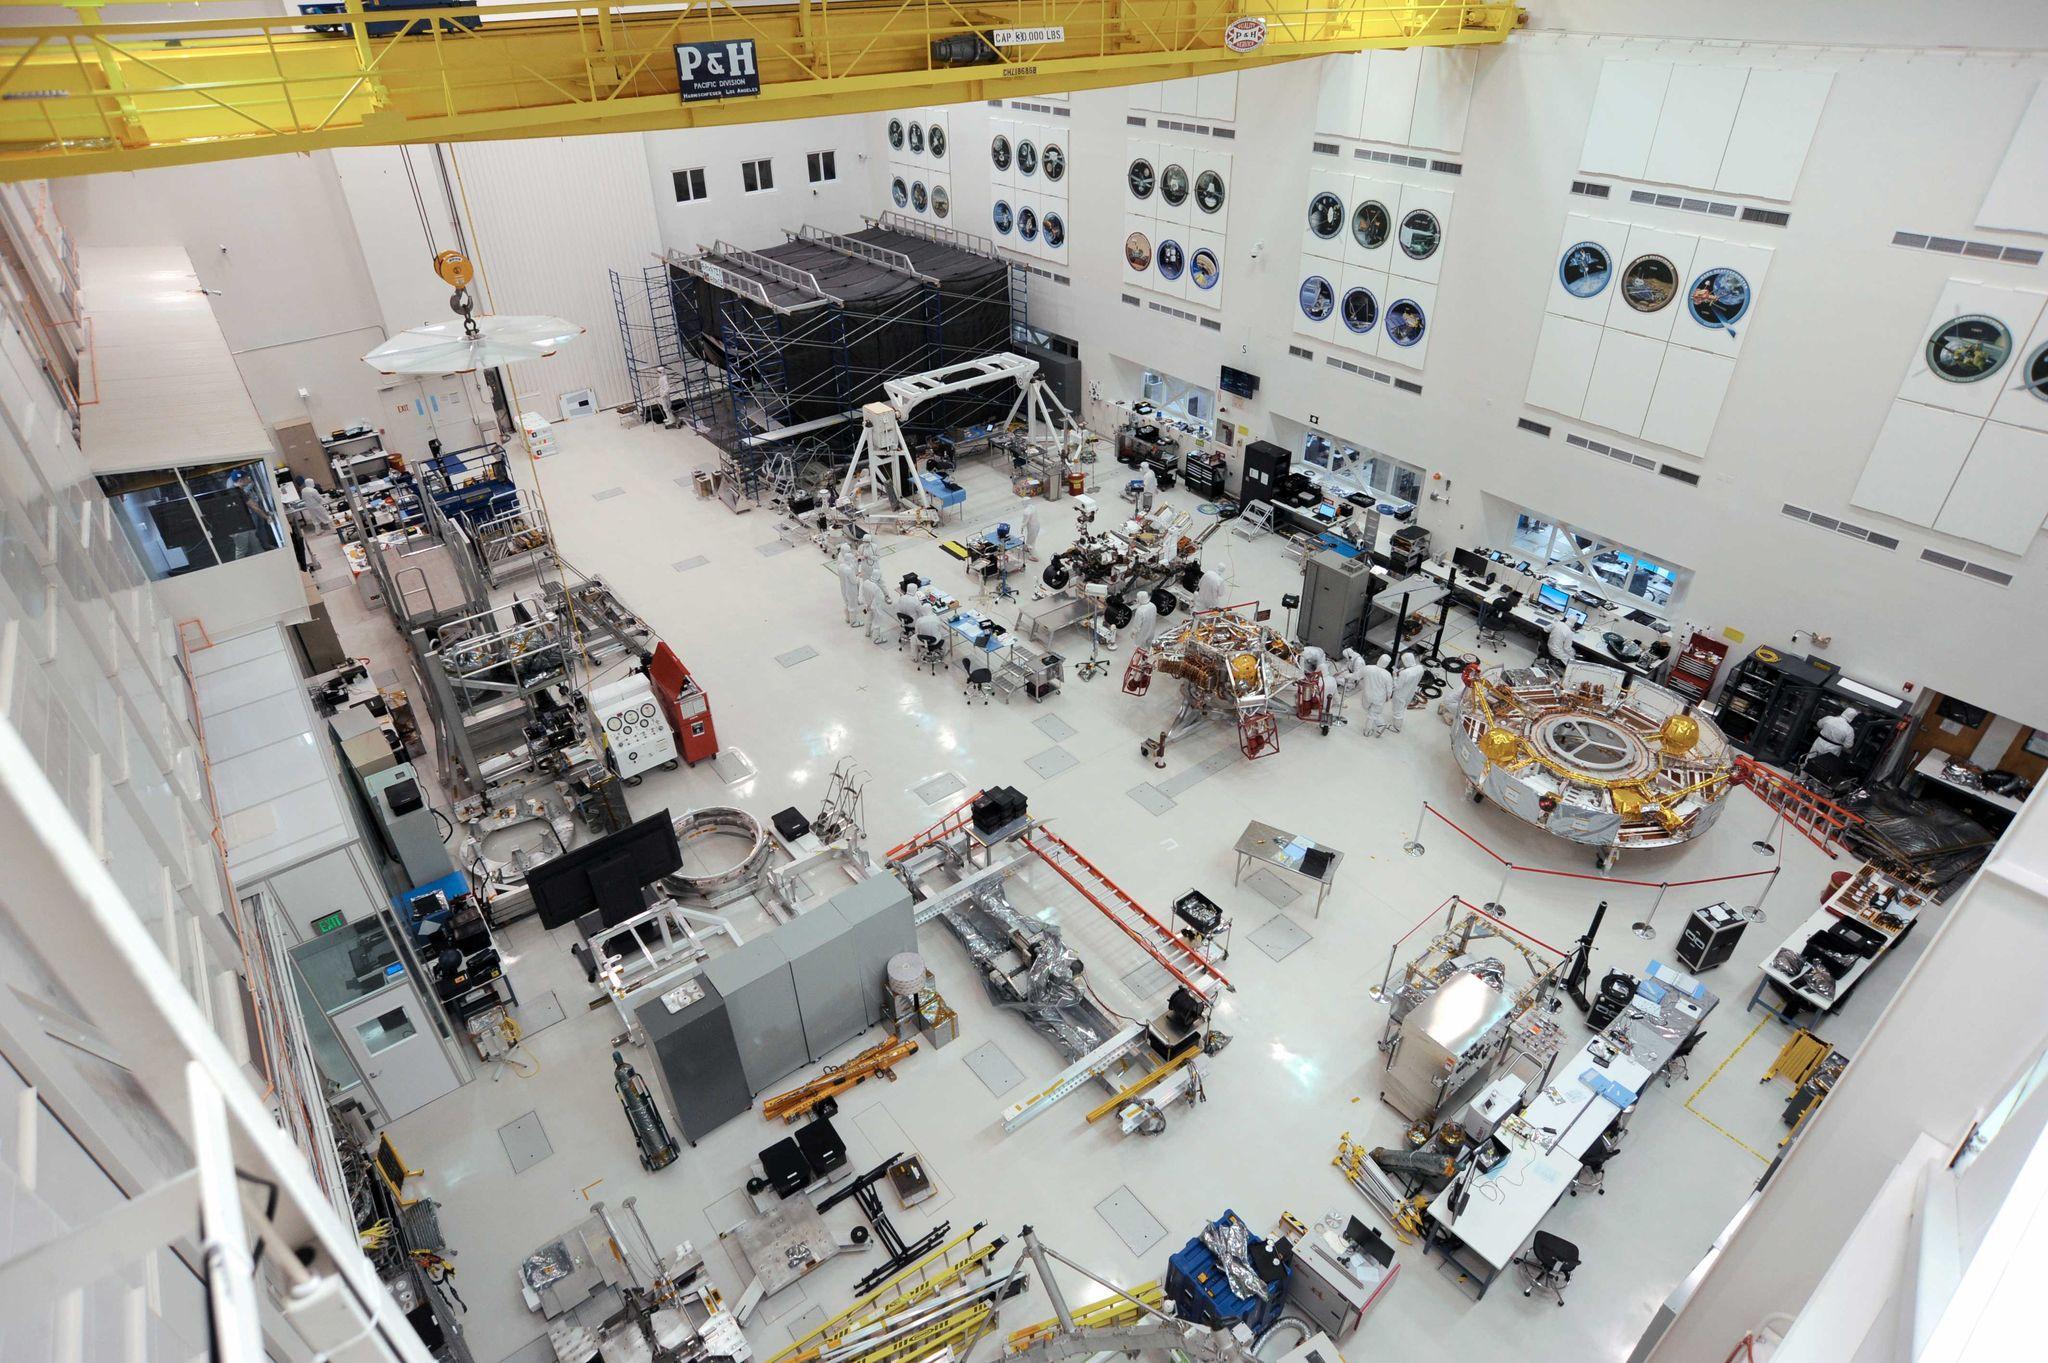 Чистая комната High Bay 1 в Цехе для сборки космических аппаратов Лаборатории реактивного движения.